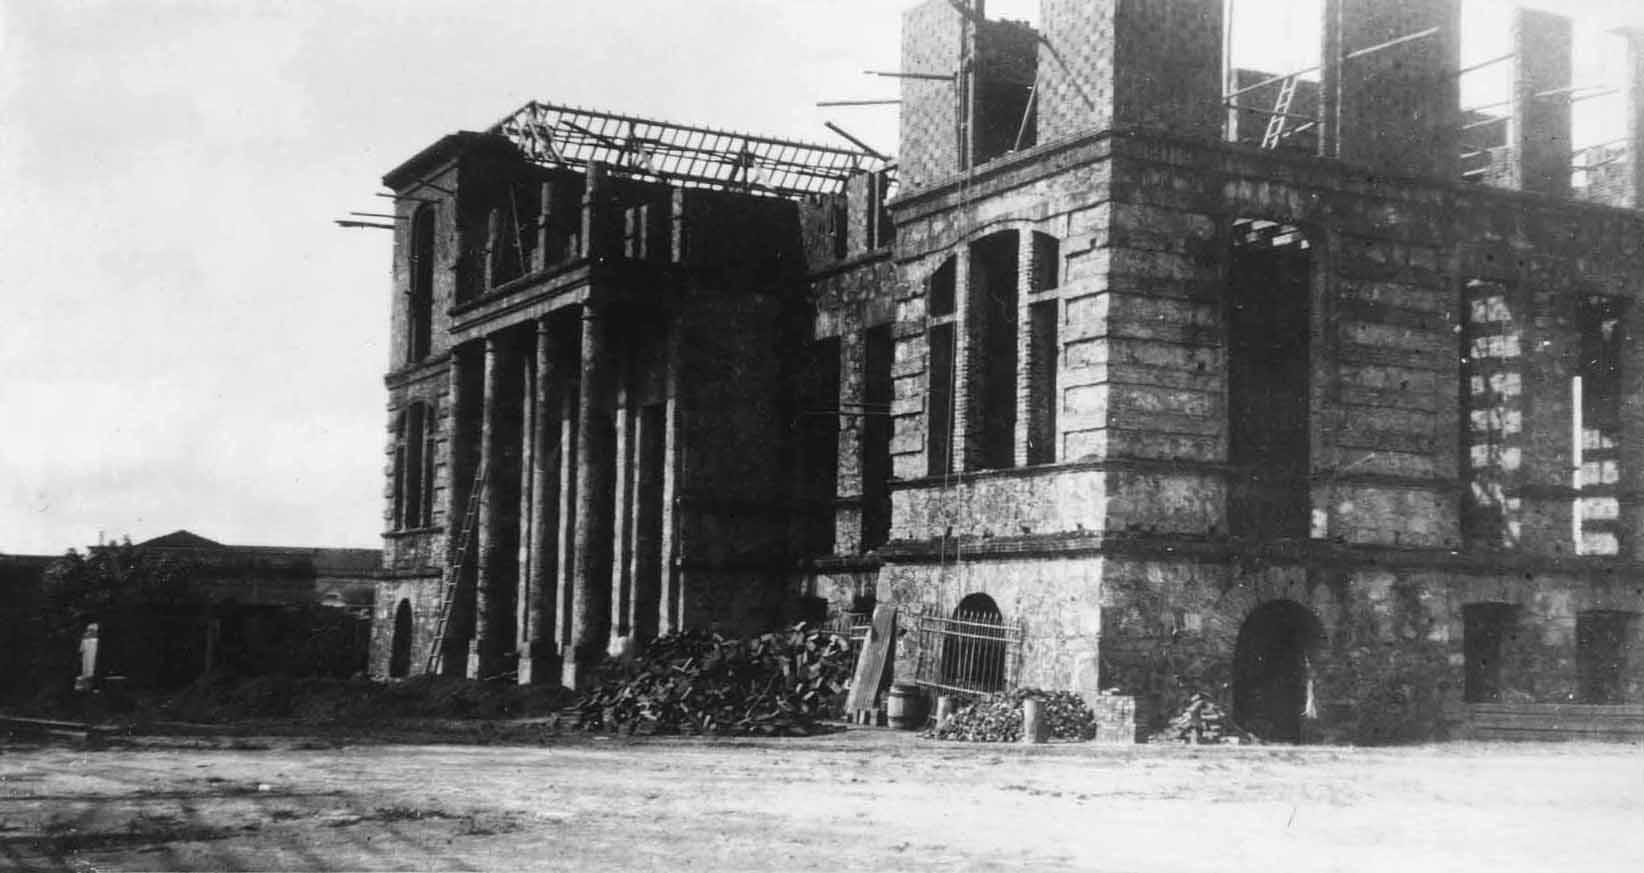 Construção do Colégio Dom Bosco na década de 1920 - IDD